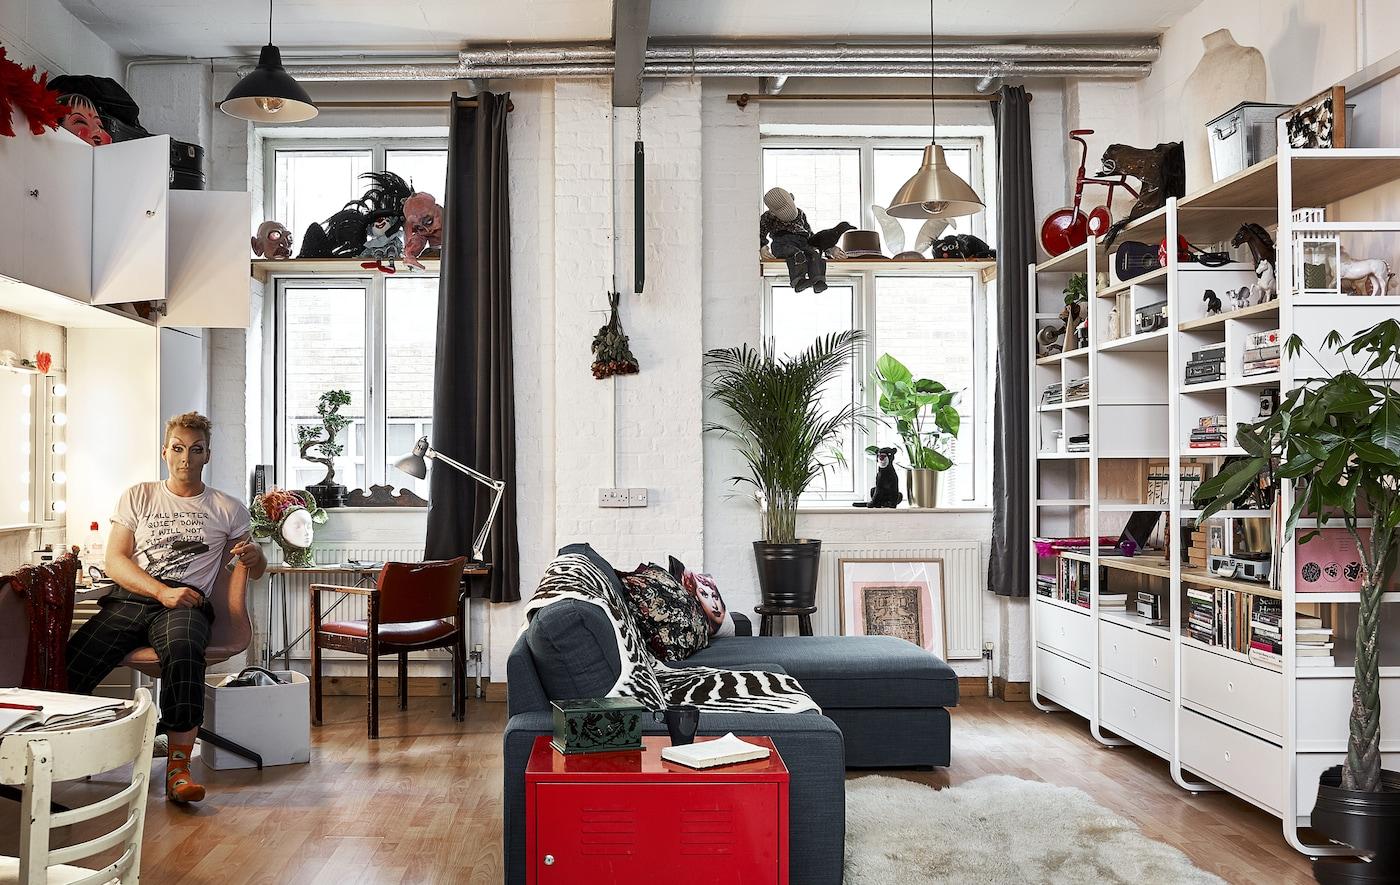 Un séjour ouvert avec des plafonds hauts, un canapé en forme de L, un rangement mural et Donald assis sur une chaise en face du miroir.